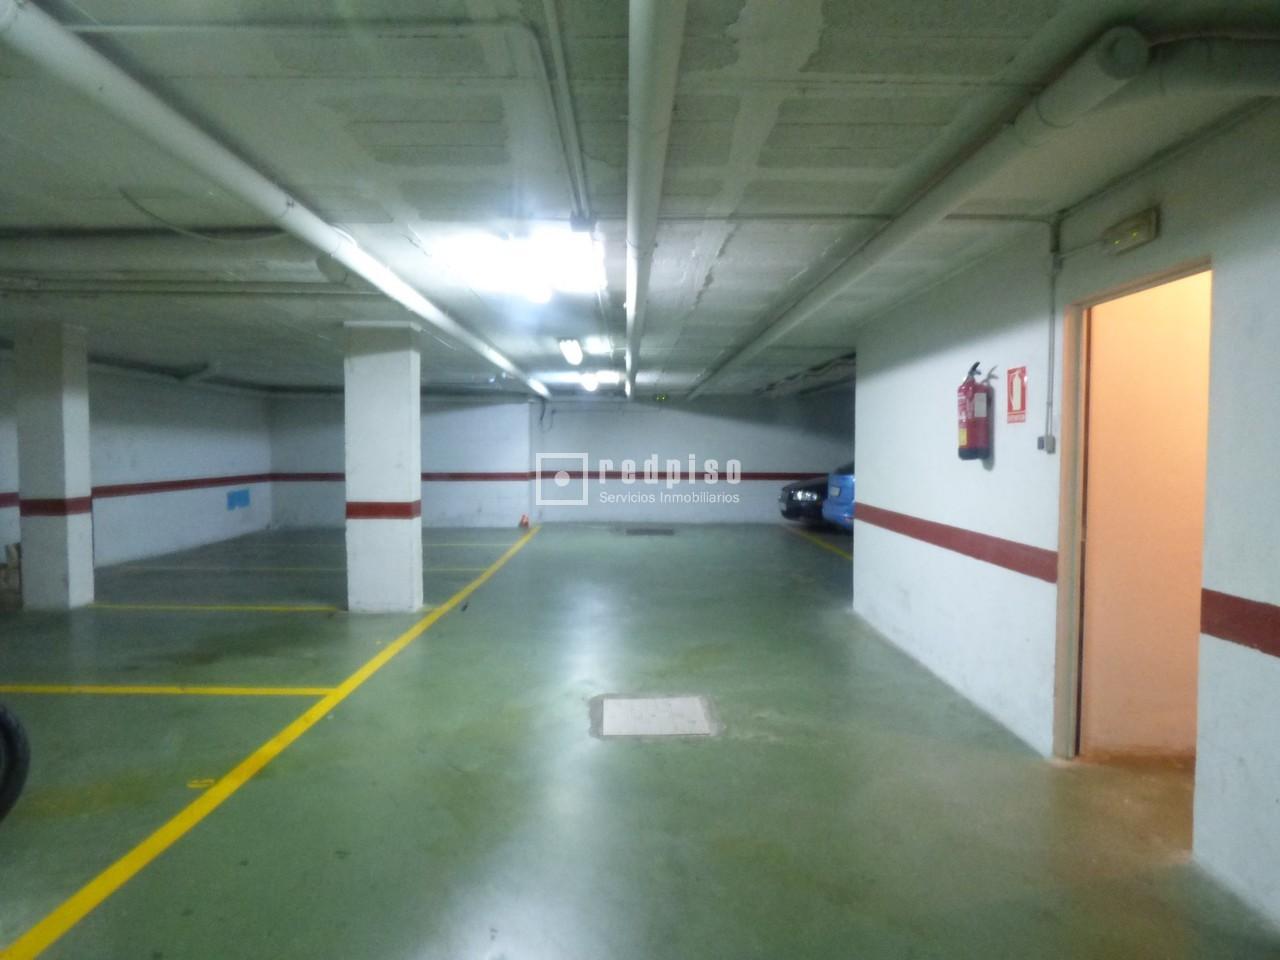 Plaza de garaje en venta en teatinos m laga m laga rp191201735547 - Venta de plazas de garaje ...